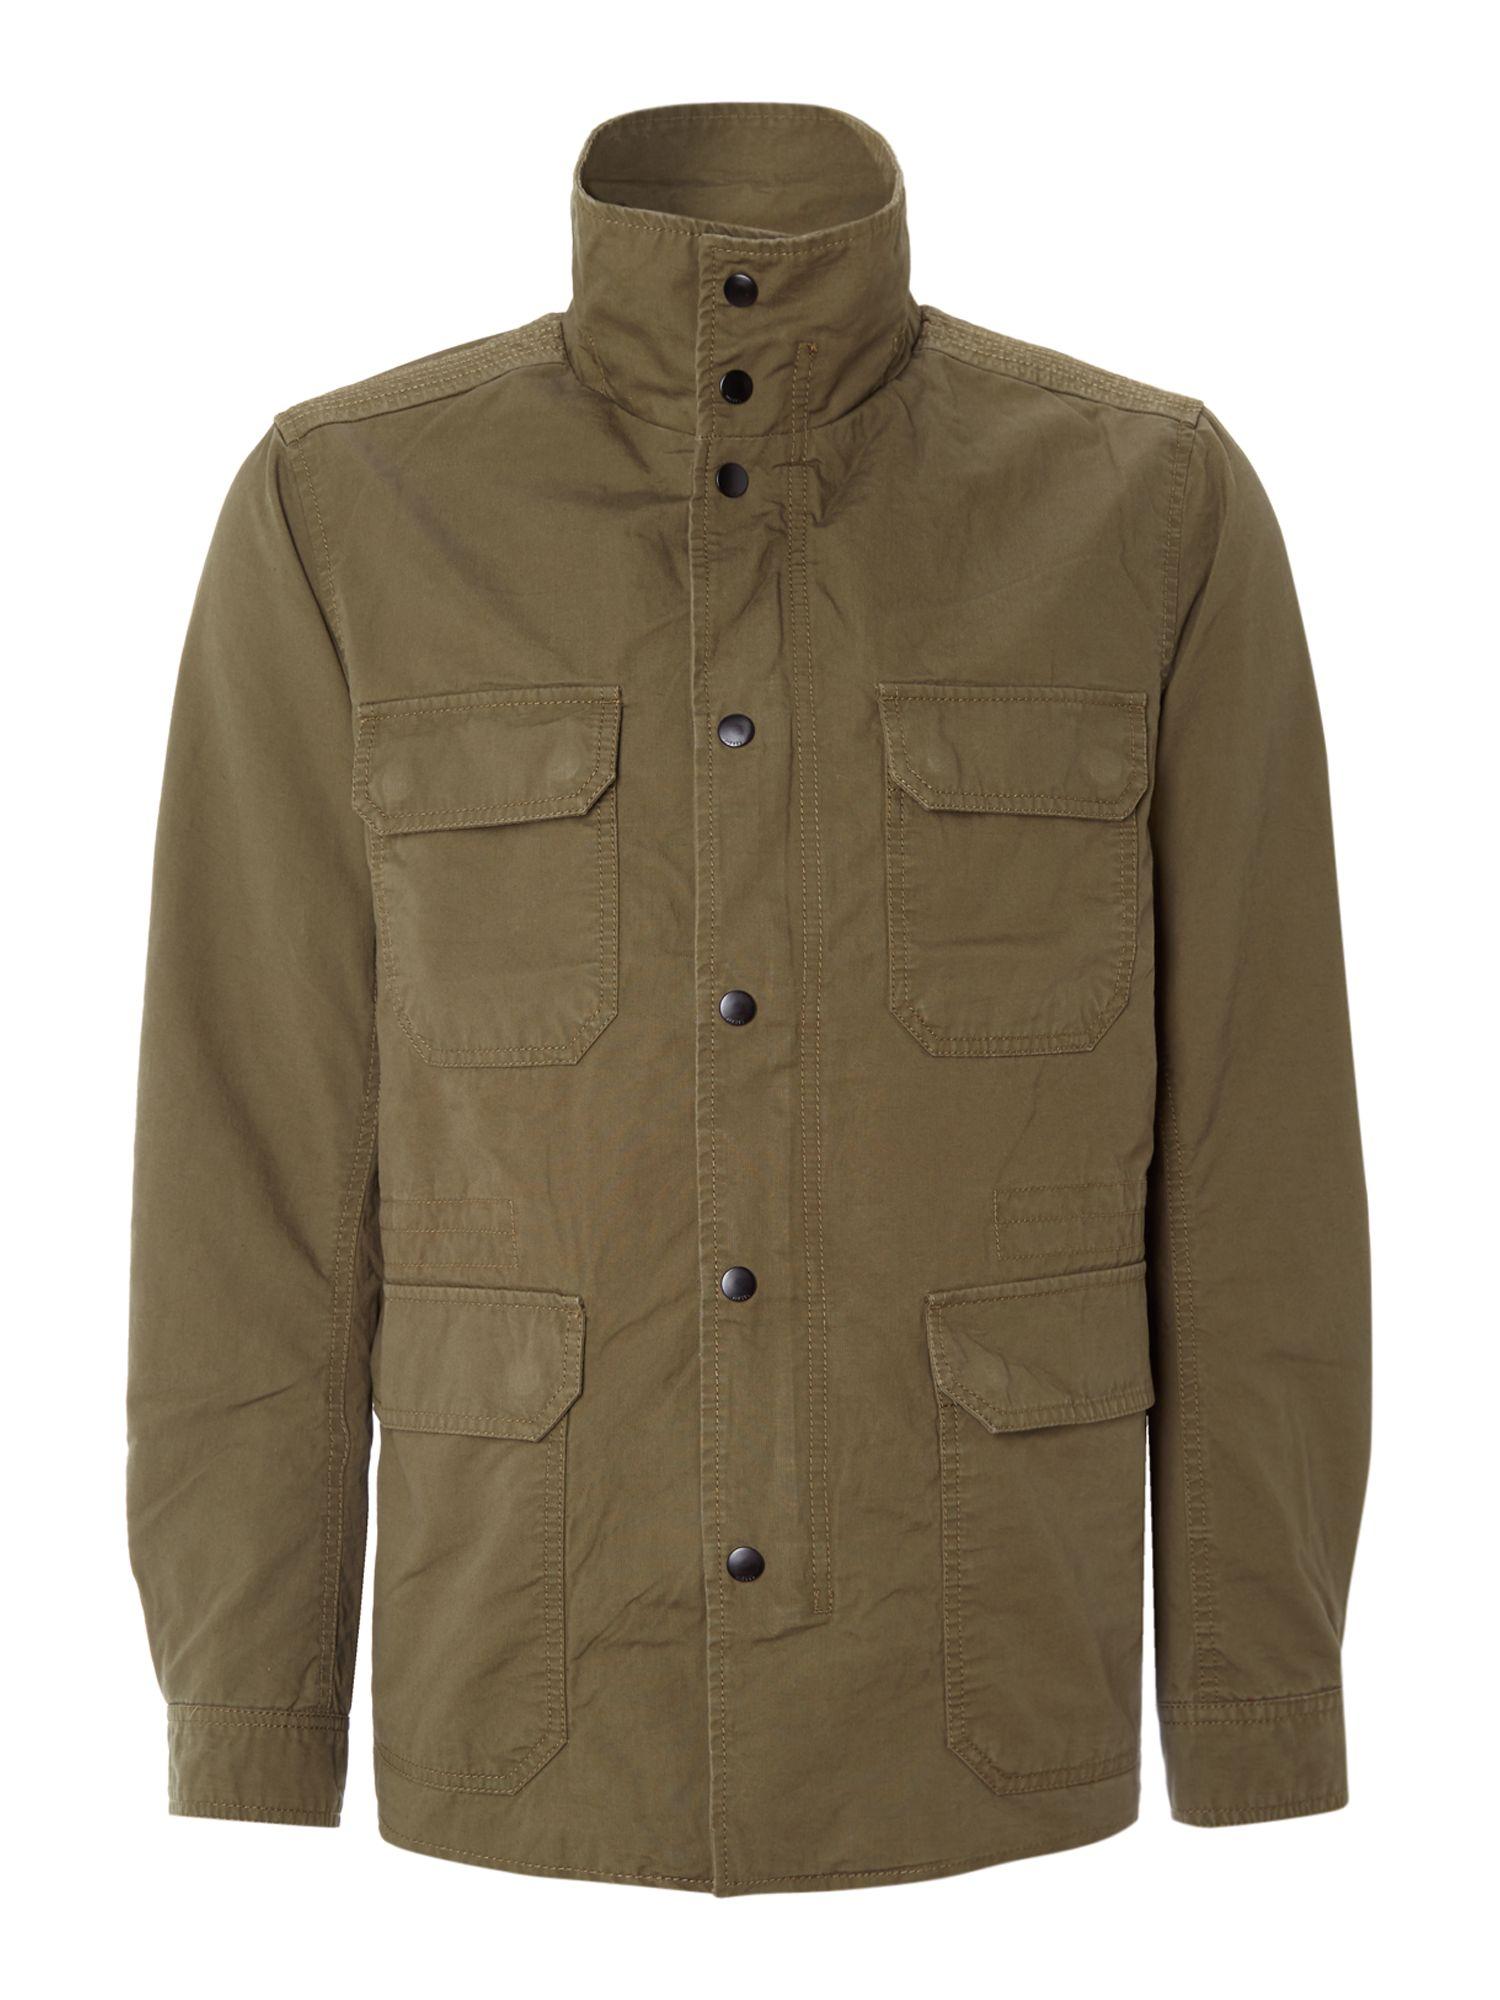 Diesel Four Pocket Field Jacket In Green For Men Lyst